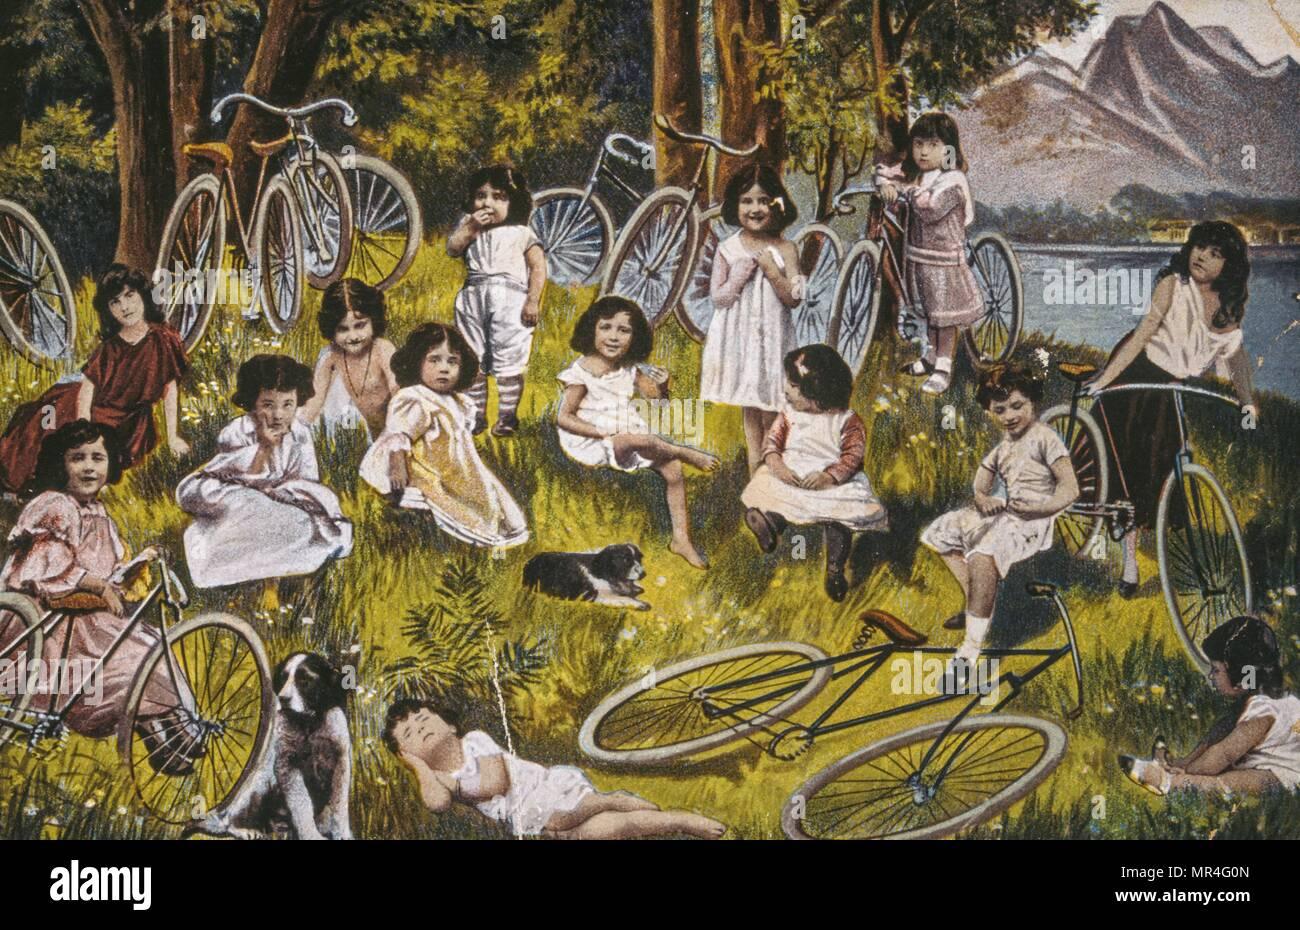 Tarjeta postal francesa que muestra a las niñas de la campiña con sus bicicletas 1900 Imagen De Stock